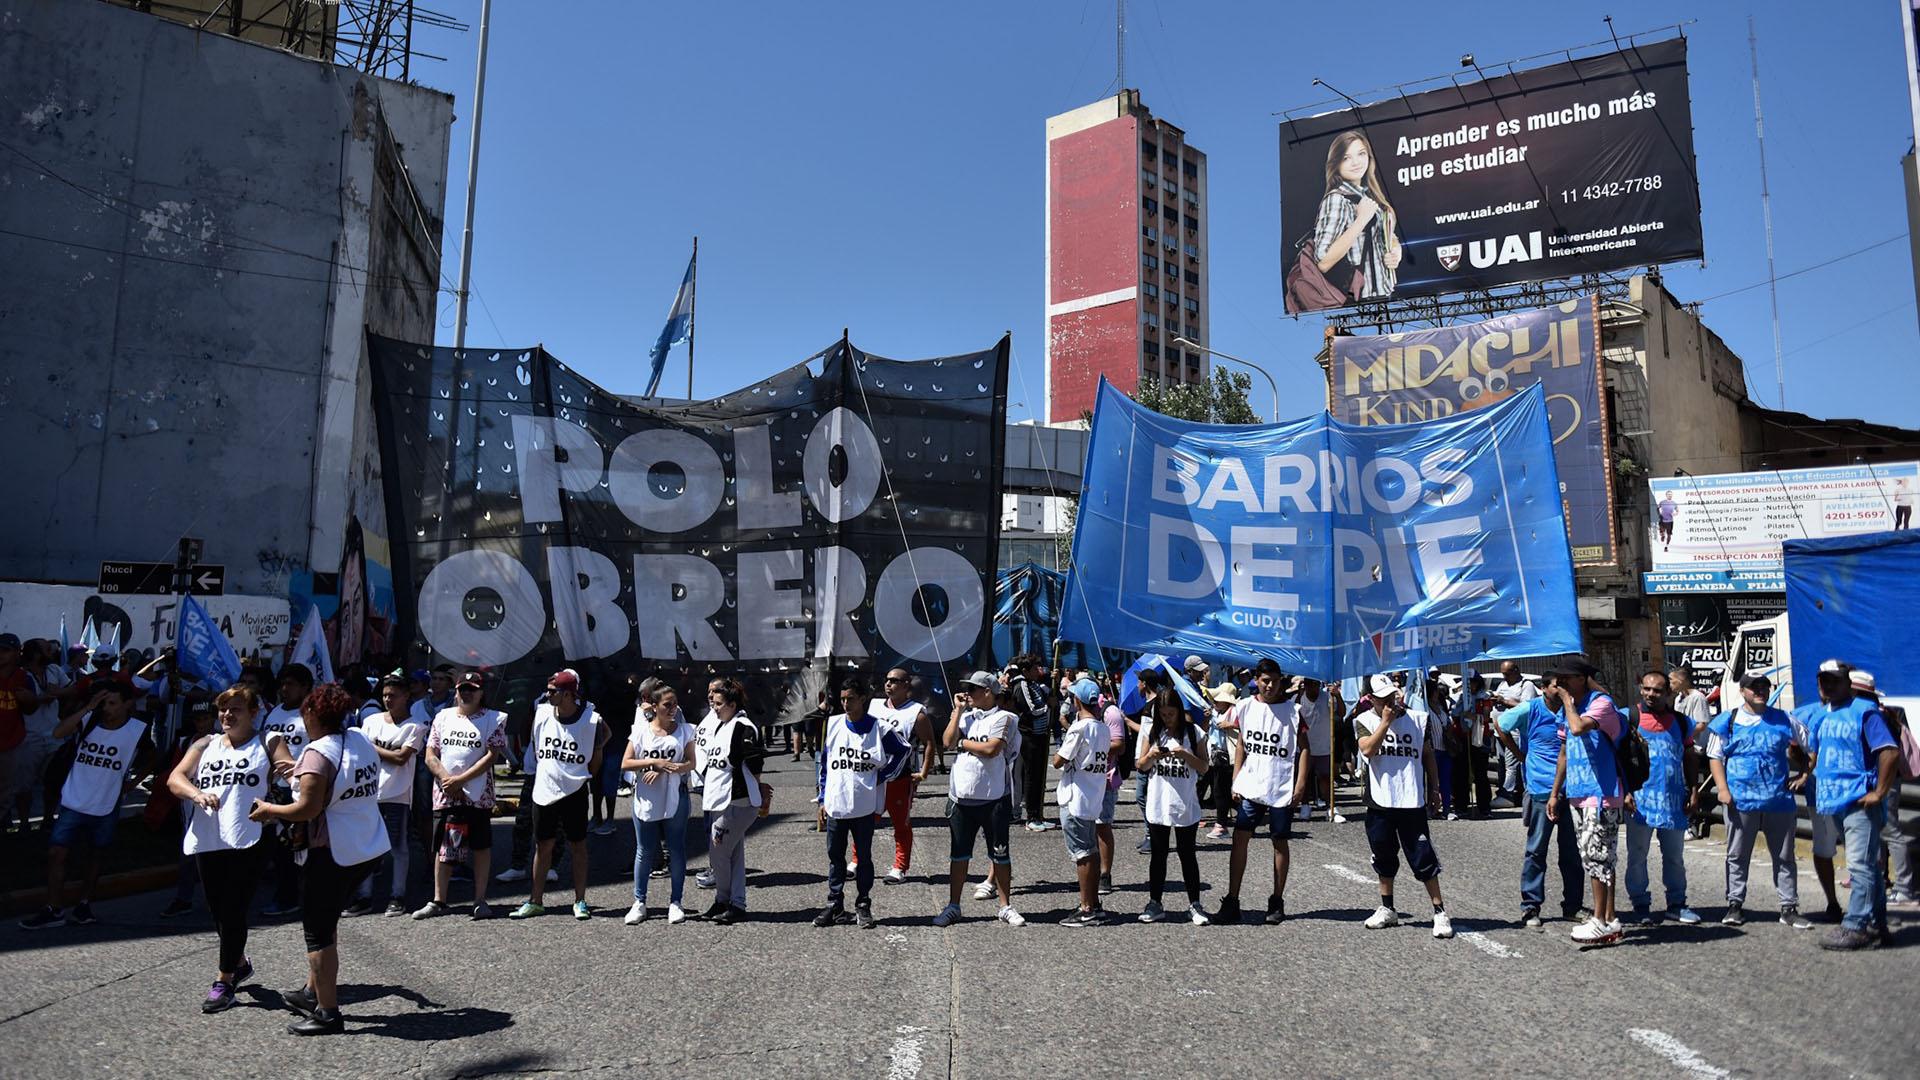 Los militantes reclaman contra el ajuste que lleva adelante el Gobierno